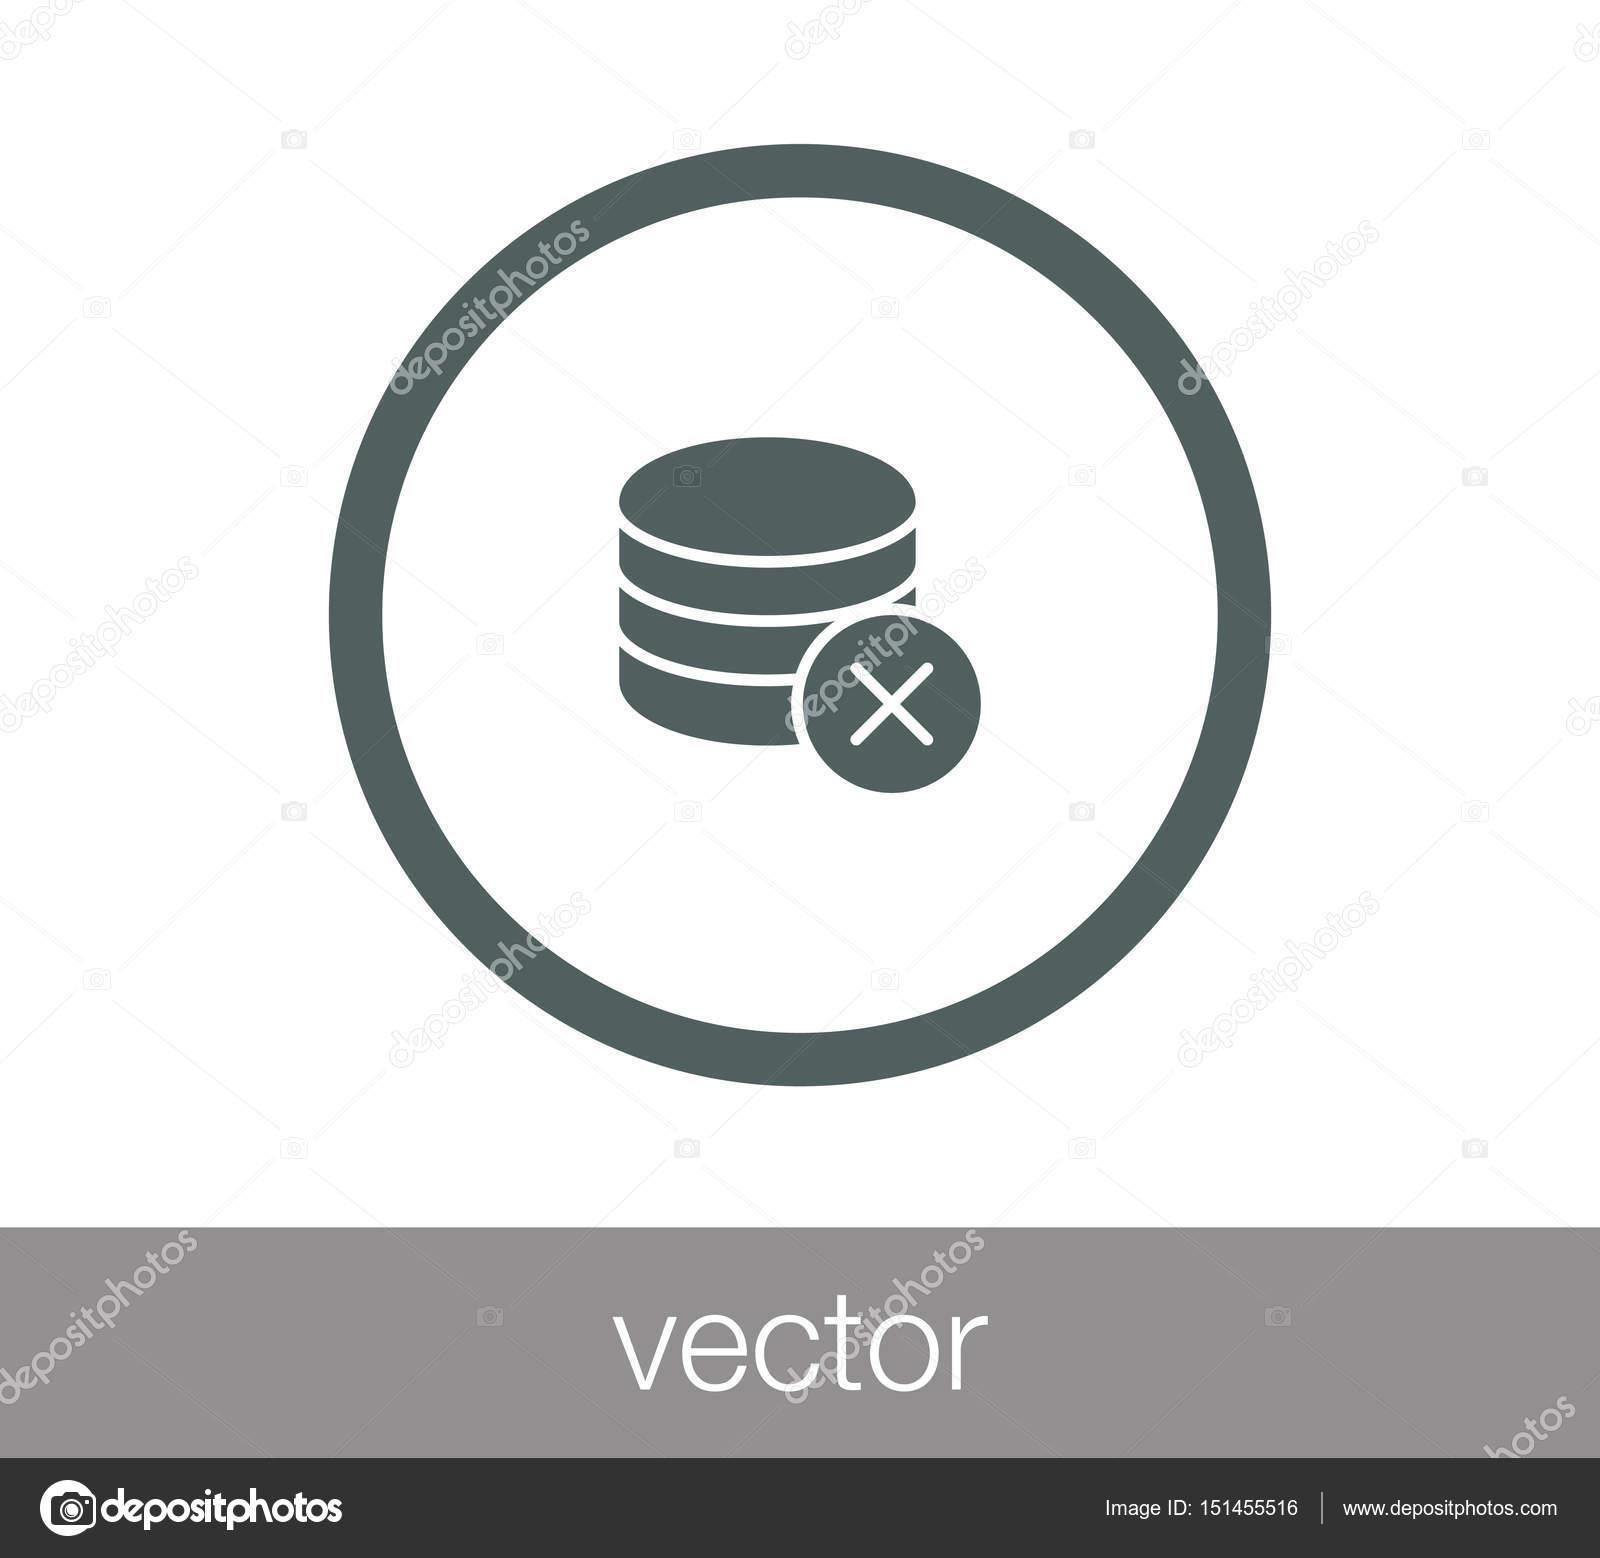 Server icon  data center icon  — Stock Vector